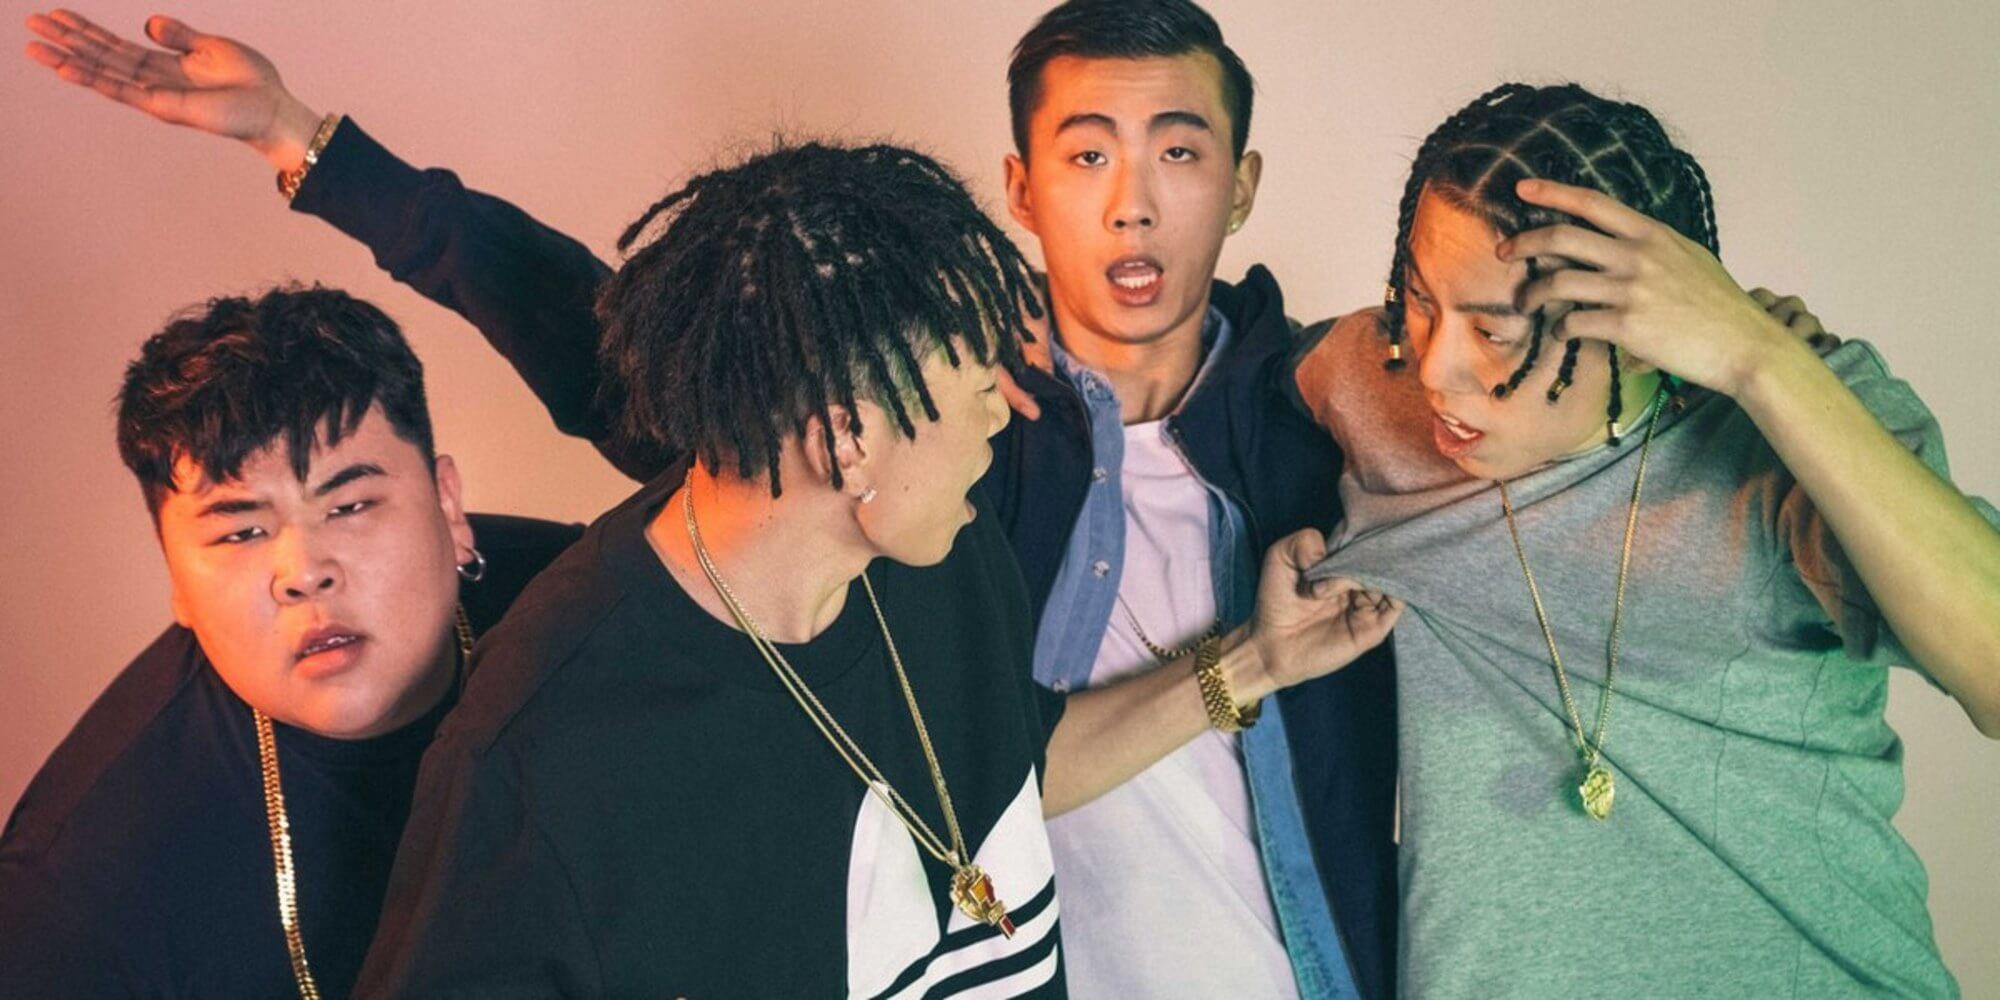 Conoce a los Higher Brothers, el crew de hip-hop con el flow más fire de China